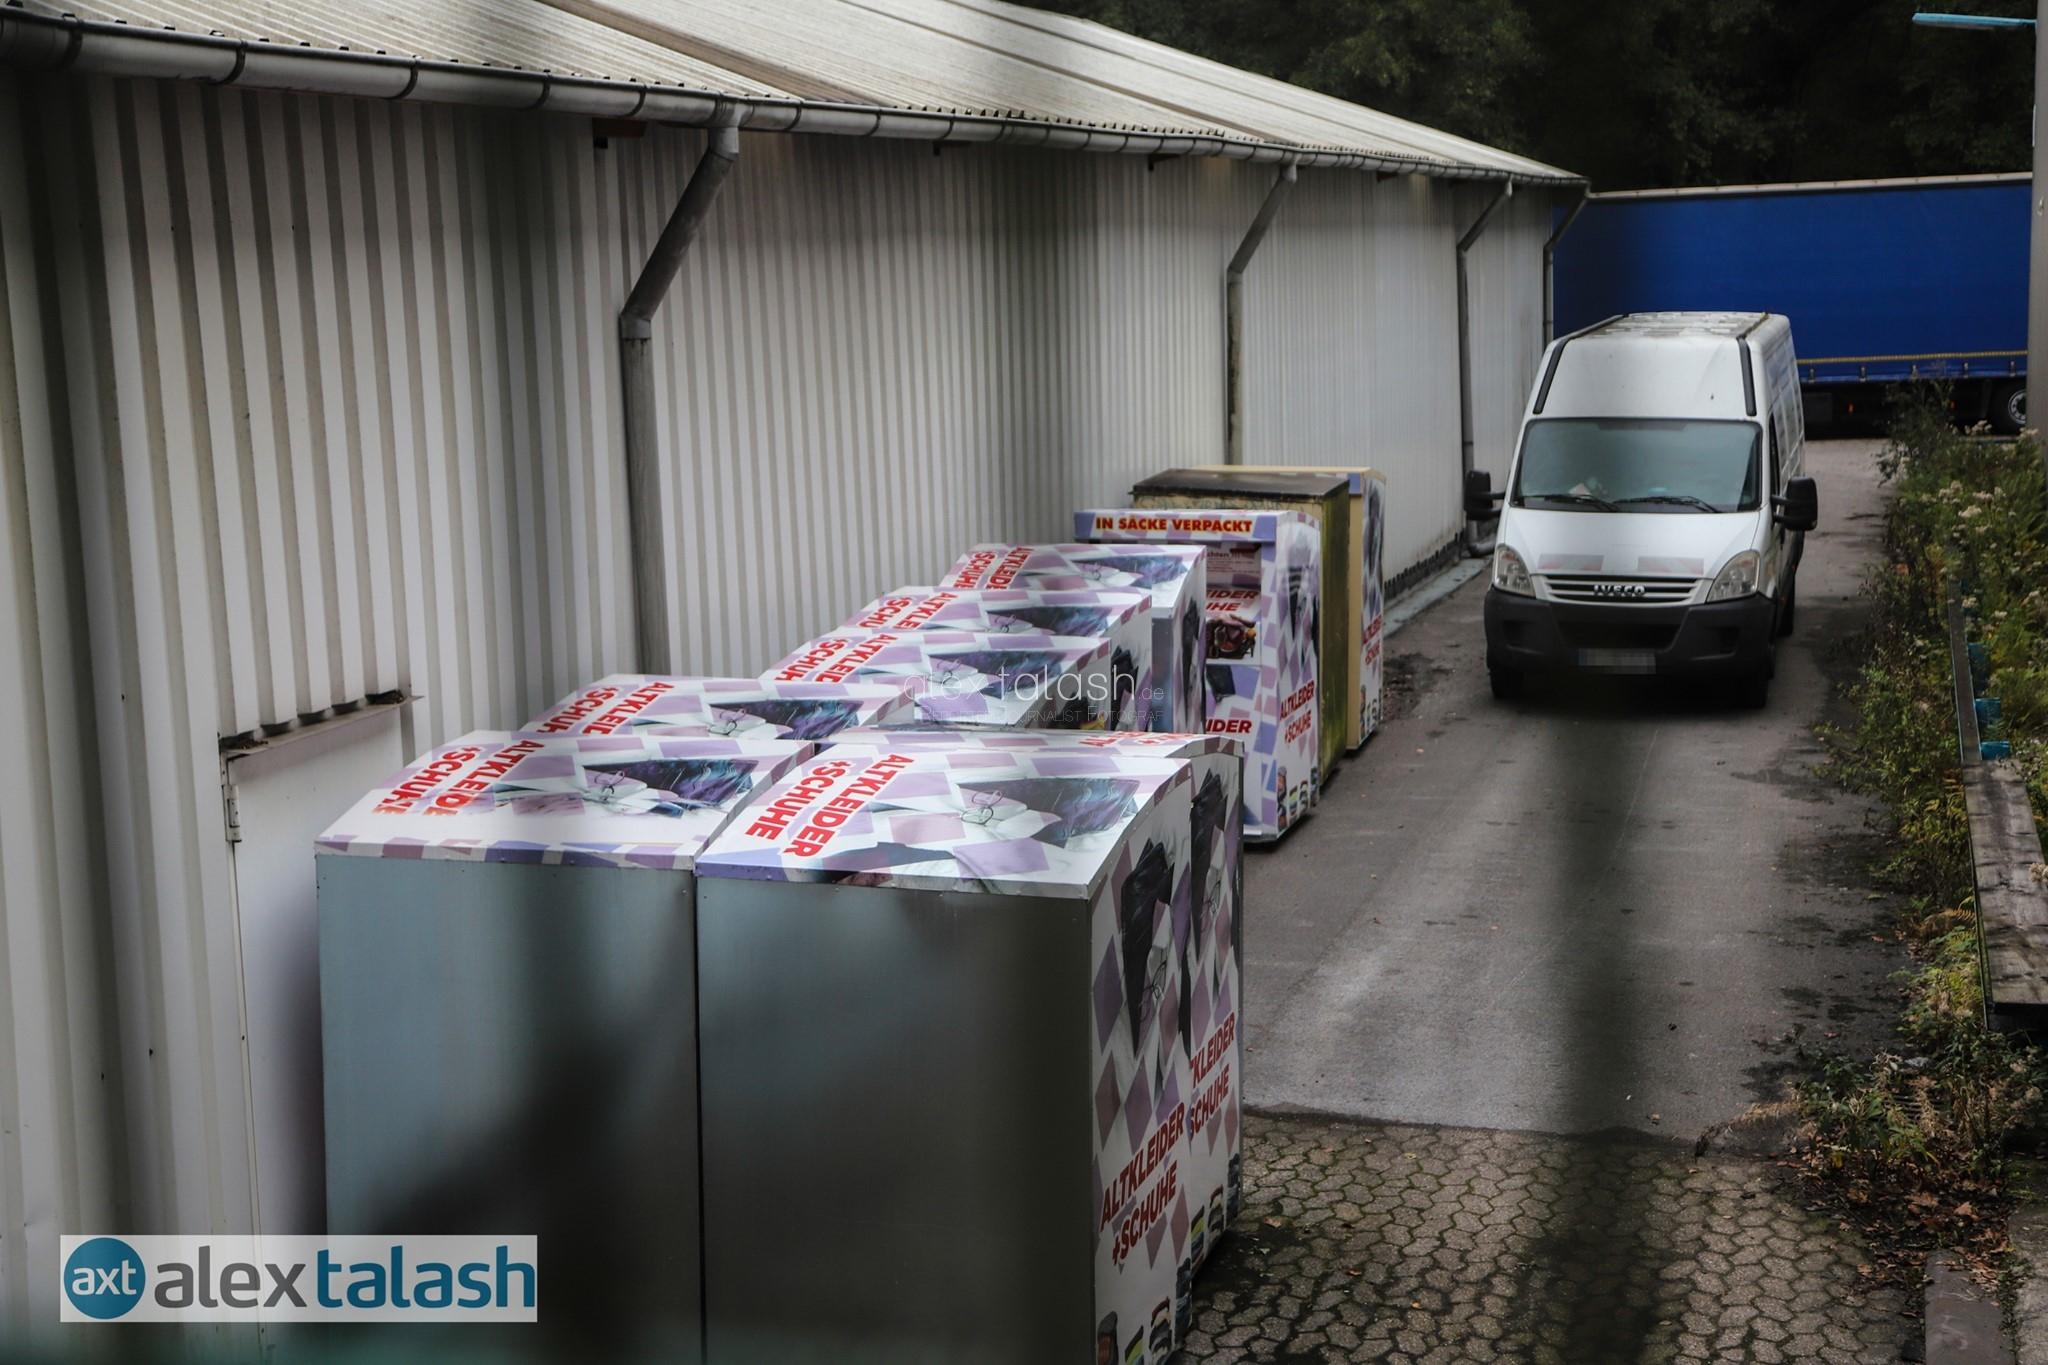 Razzia gegen mutmaßliche Schleuserbande – Ennepetaler Textilrecycling-Betrieb im Fokus